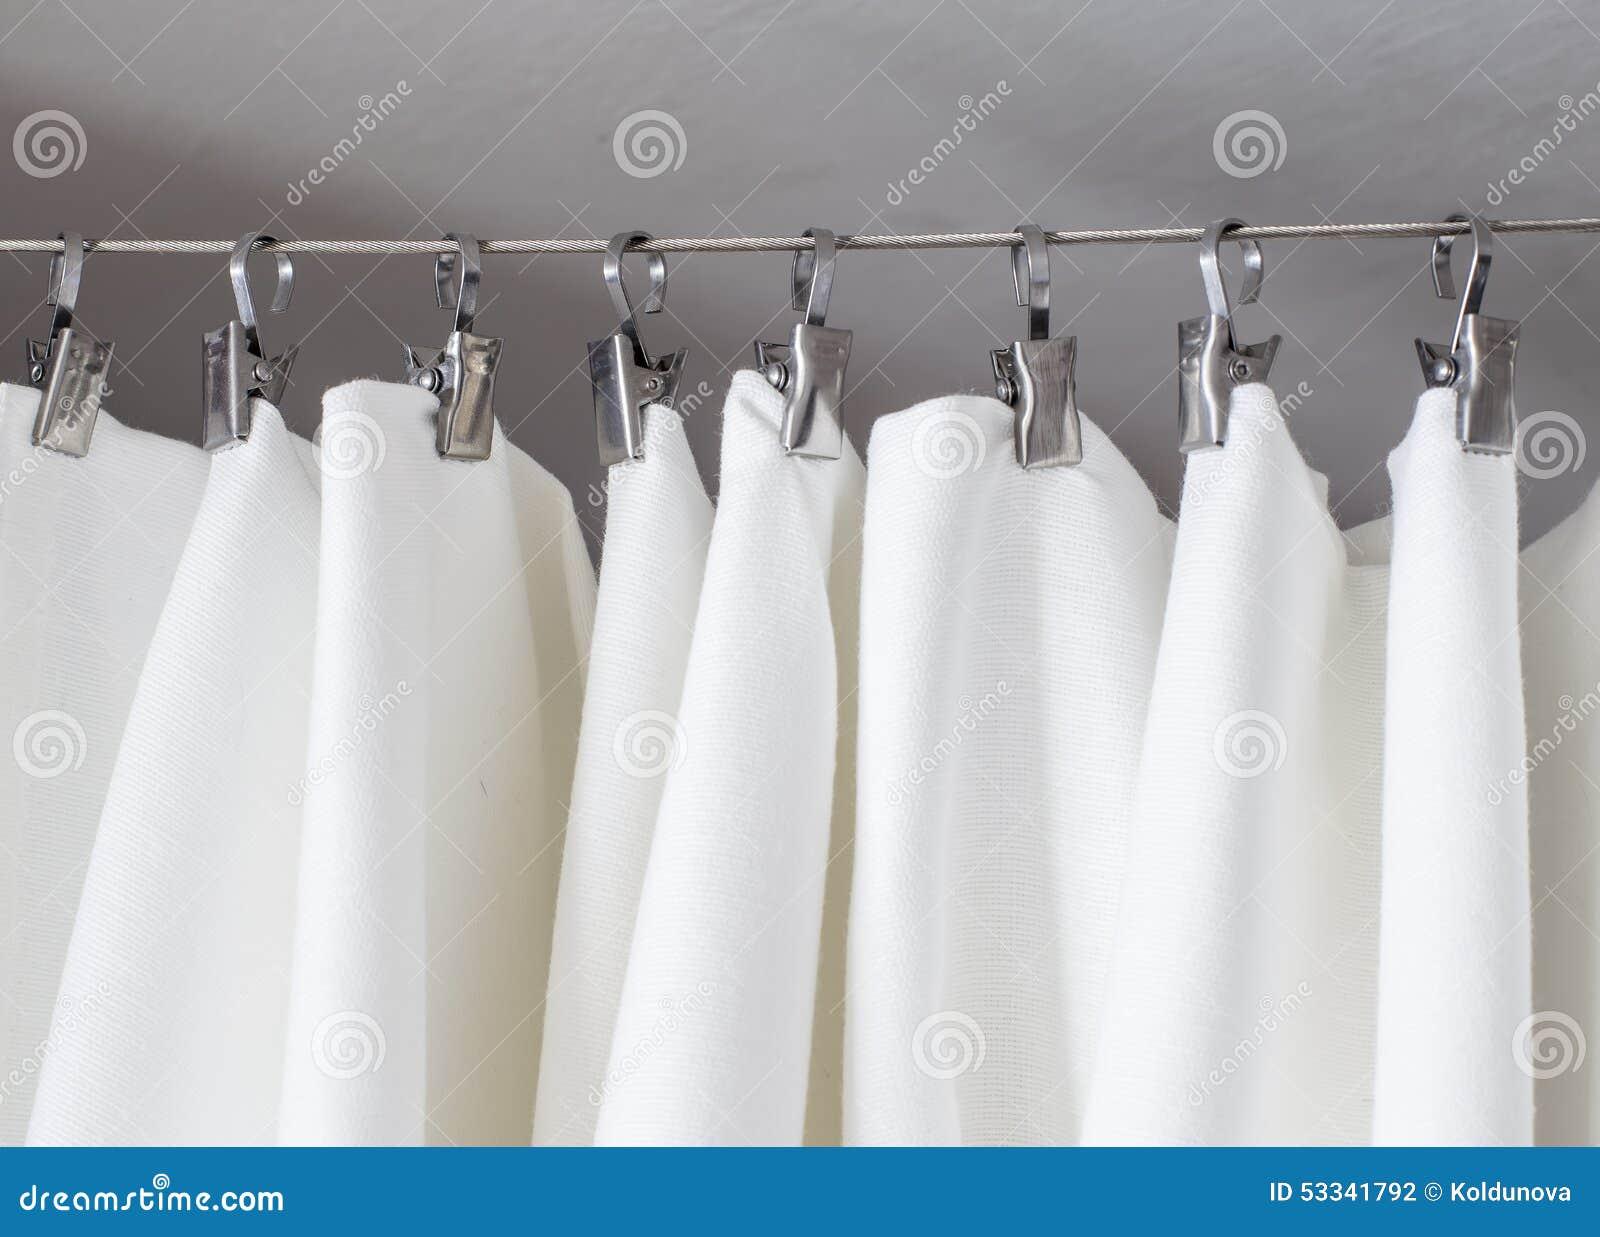 Ejecución color nata de la cortina en una secuencia en los ganchos del metal iluminados por la luz del día